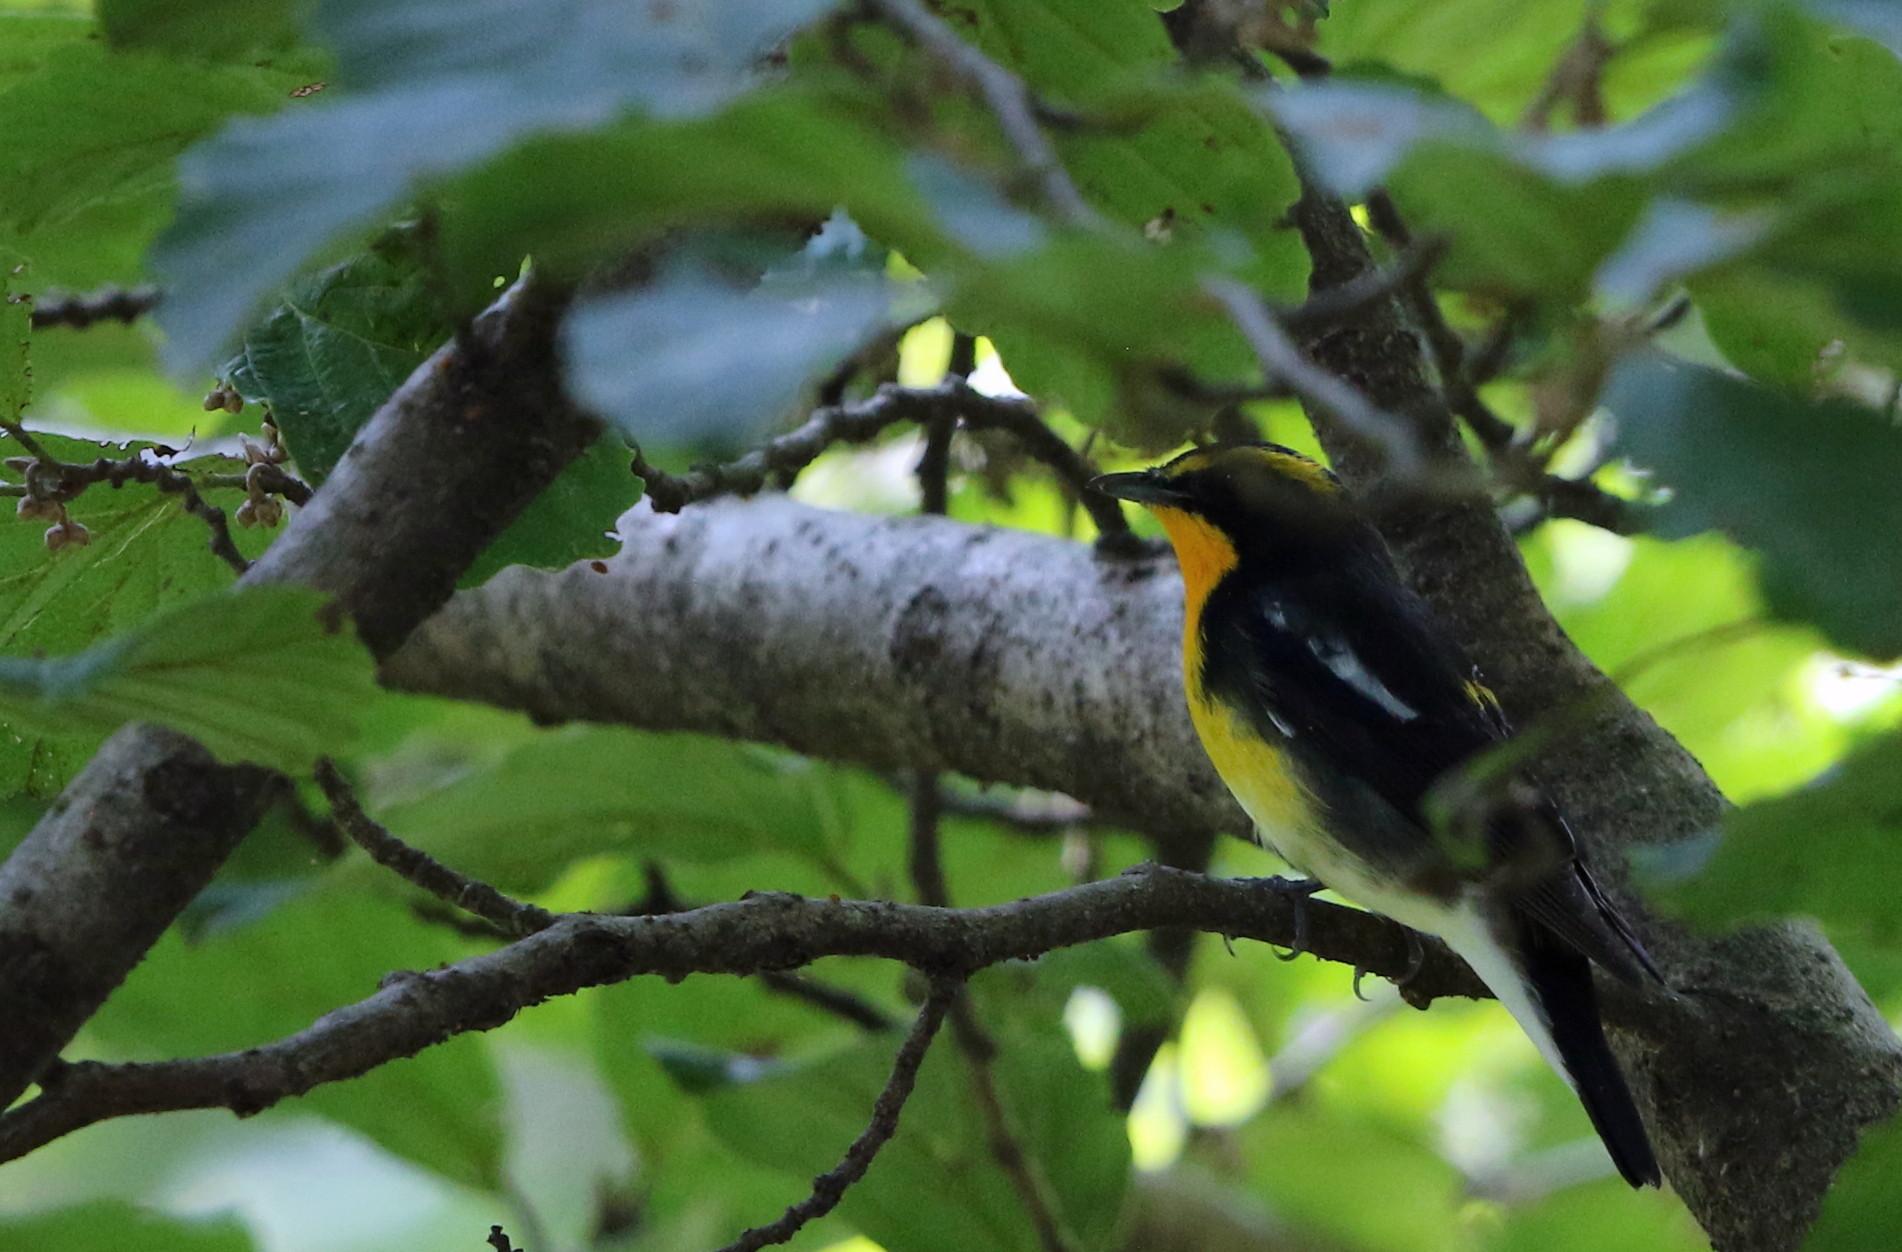 MFの森に渡りの立ち寄りの鳥(キビタキ その4)_f0239515_1727510.jpg